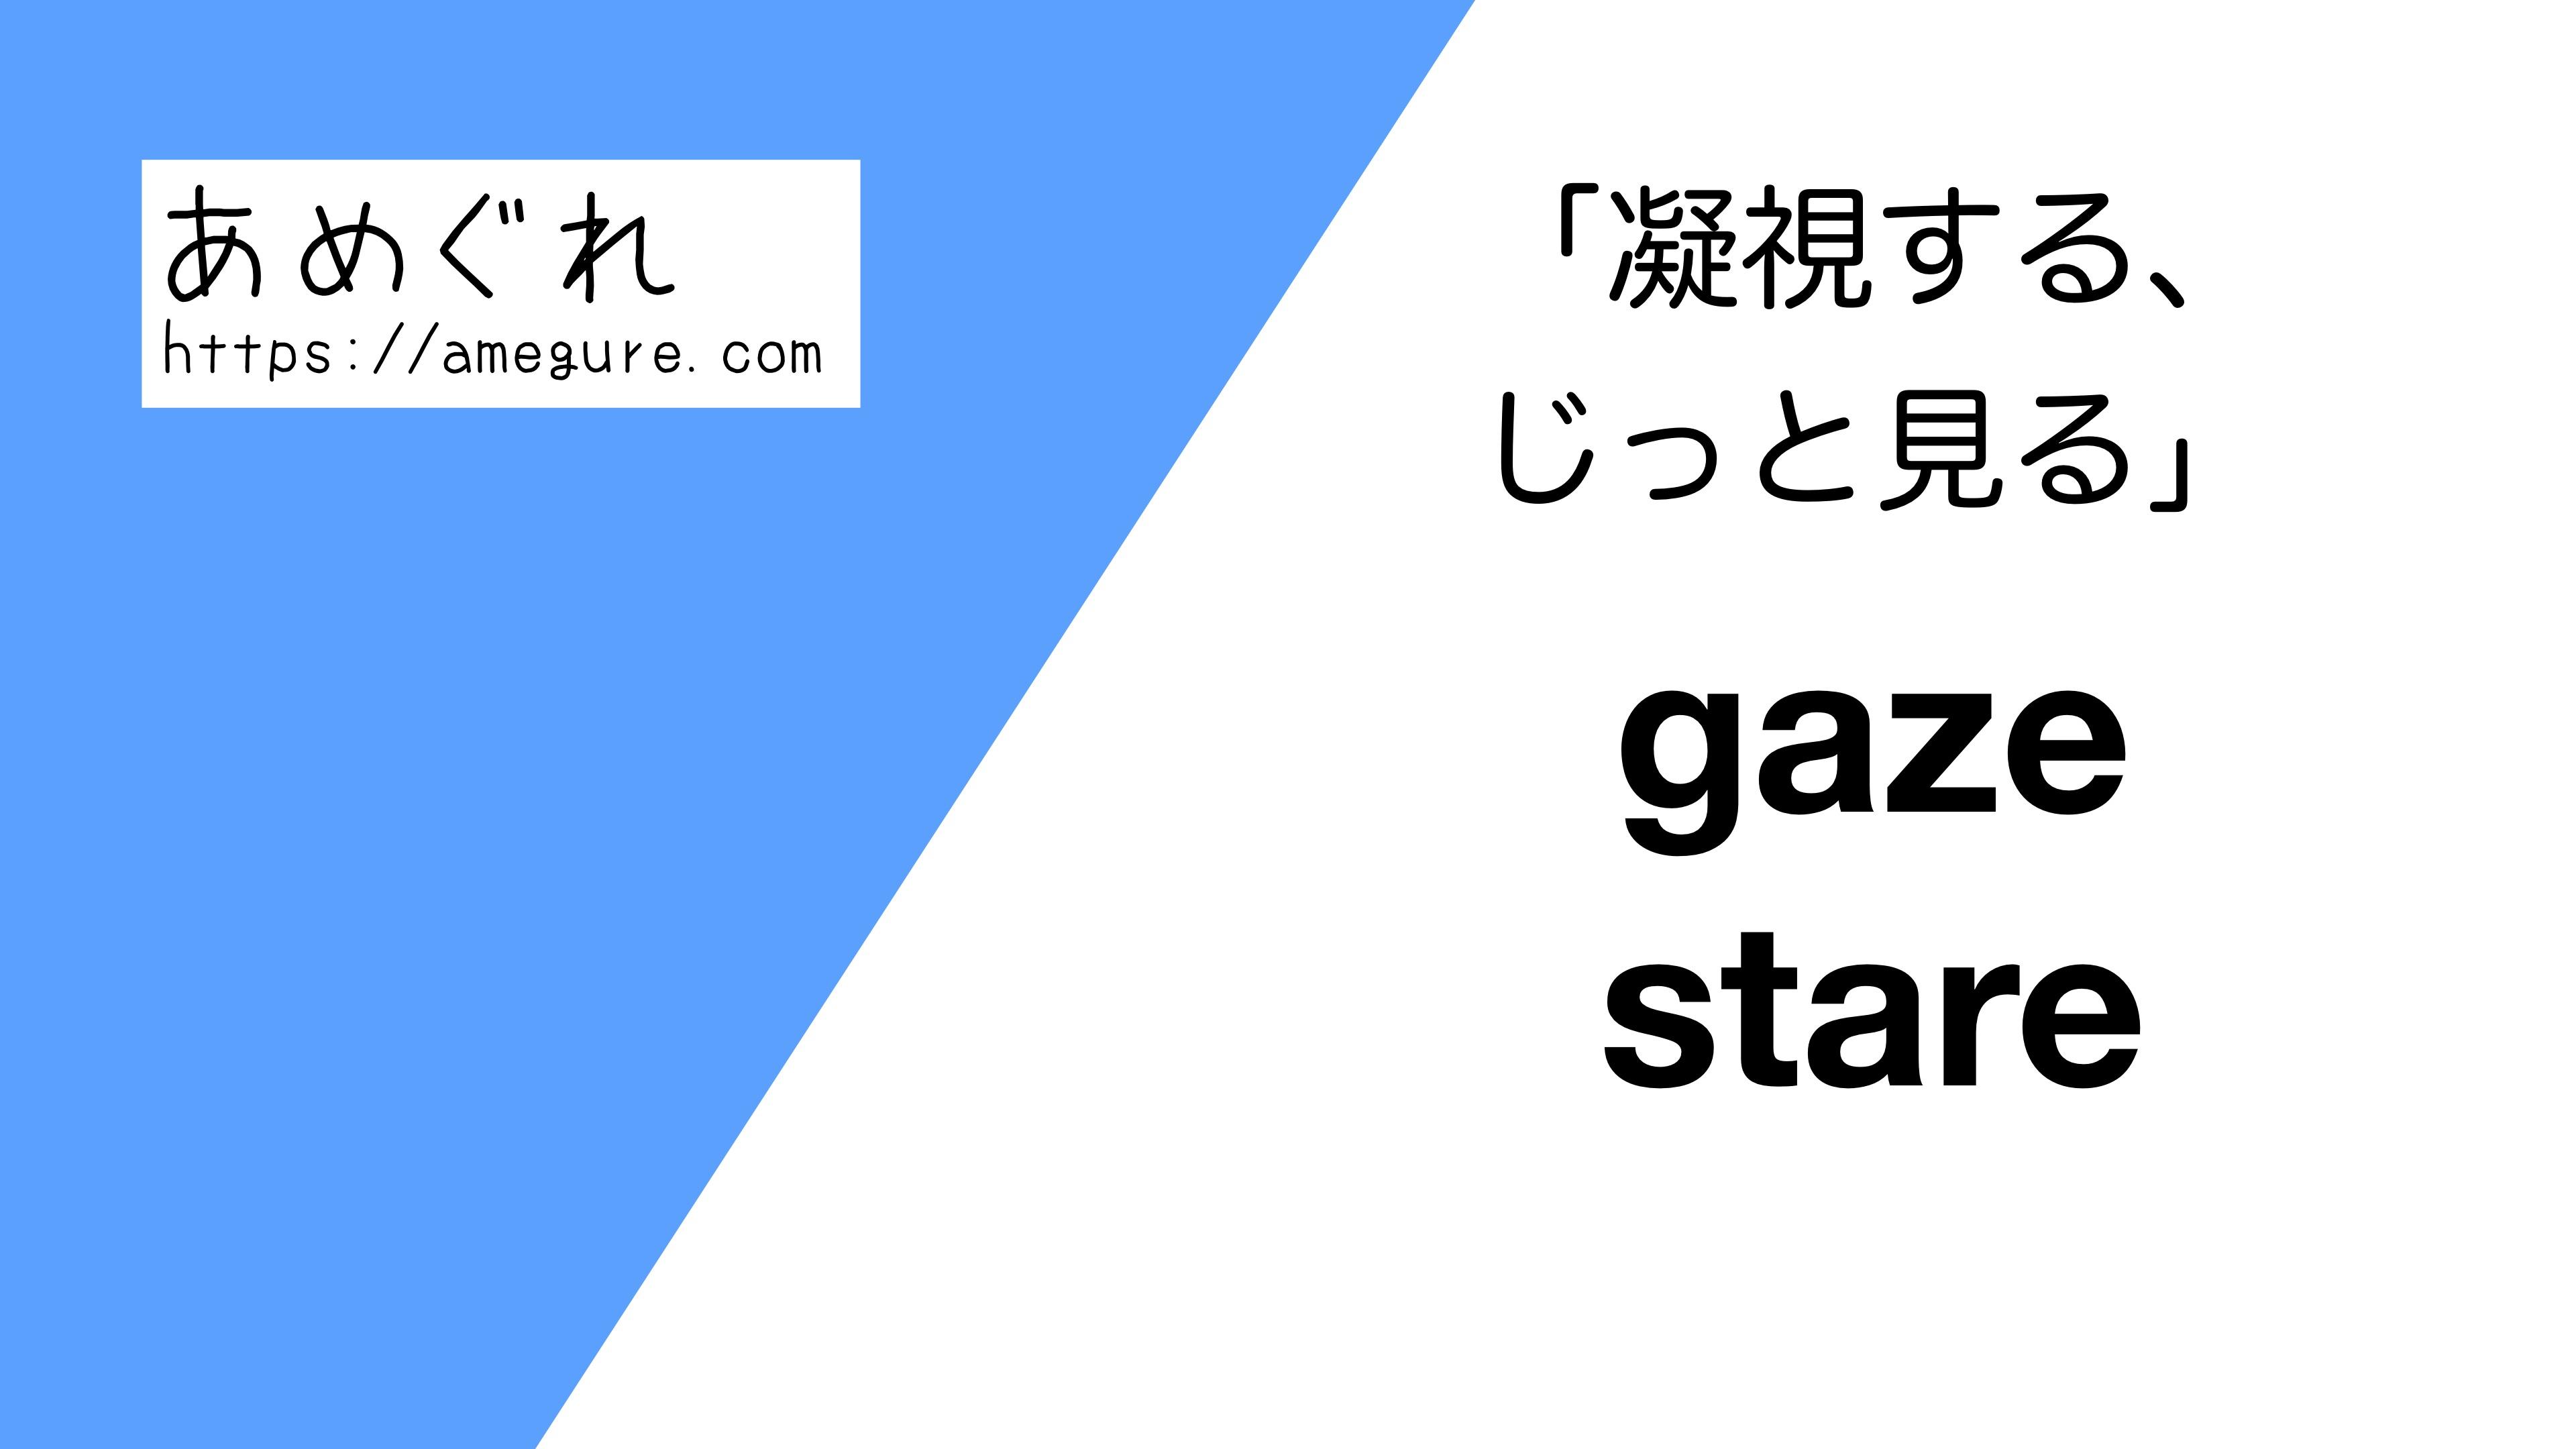 gaze-stare違い